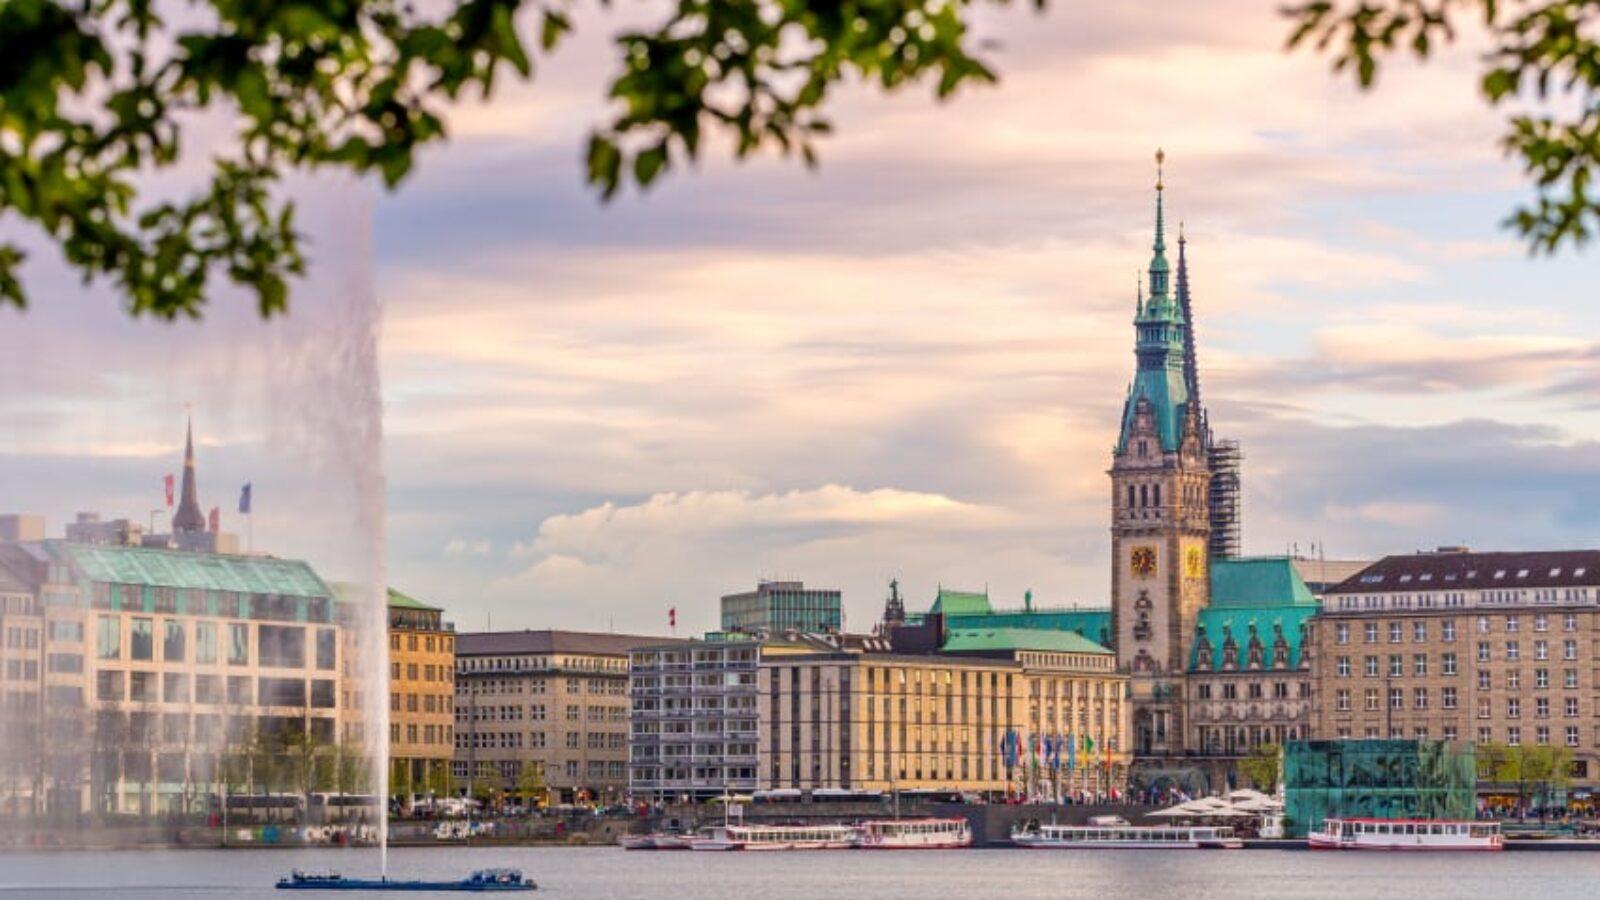 Action! Hamburg als beliebter Drehort für TV-Serien